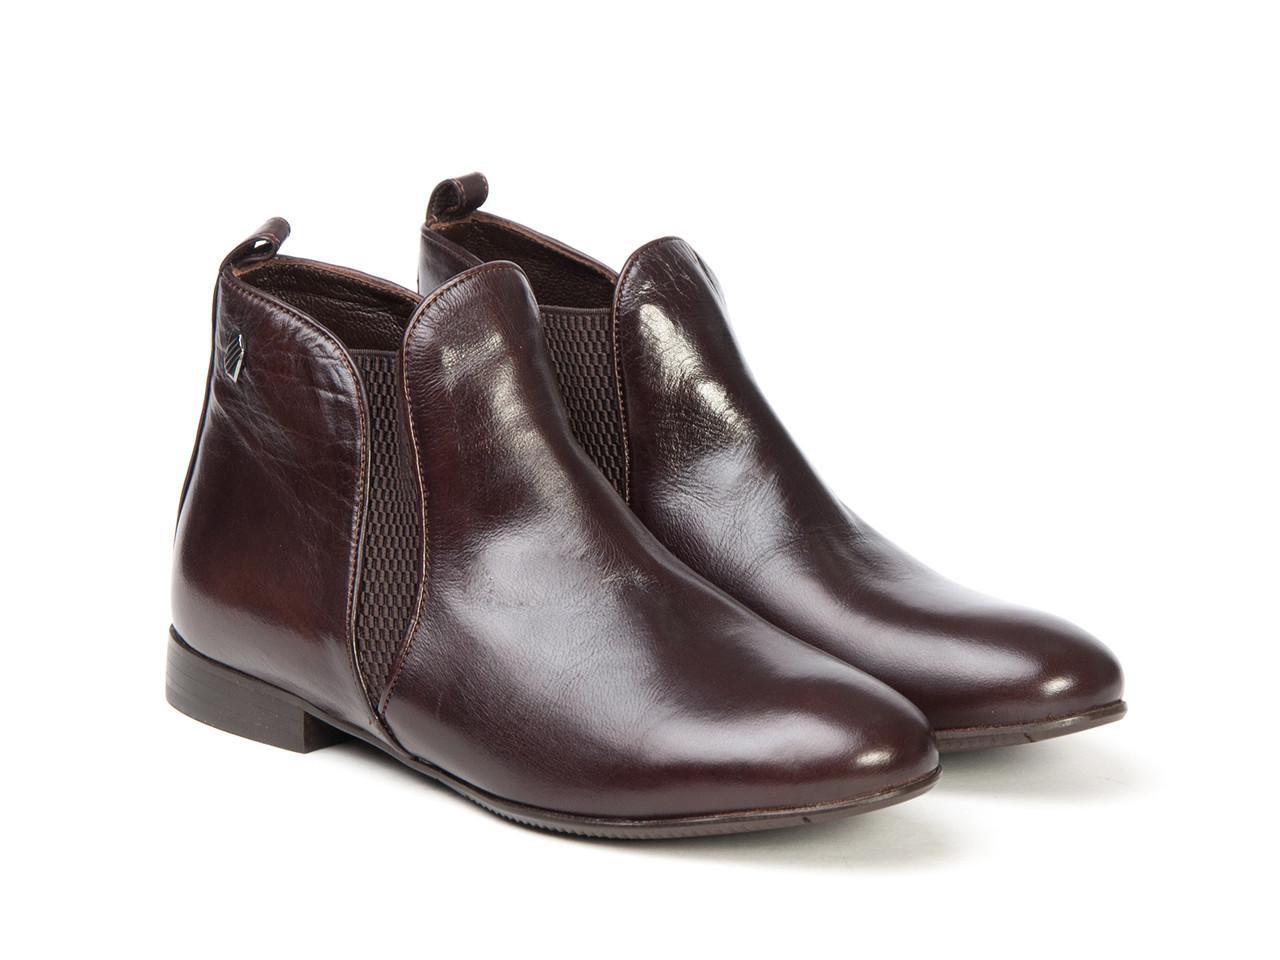 Ботинки Etor 3560-0-3626 коричневые